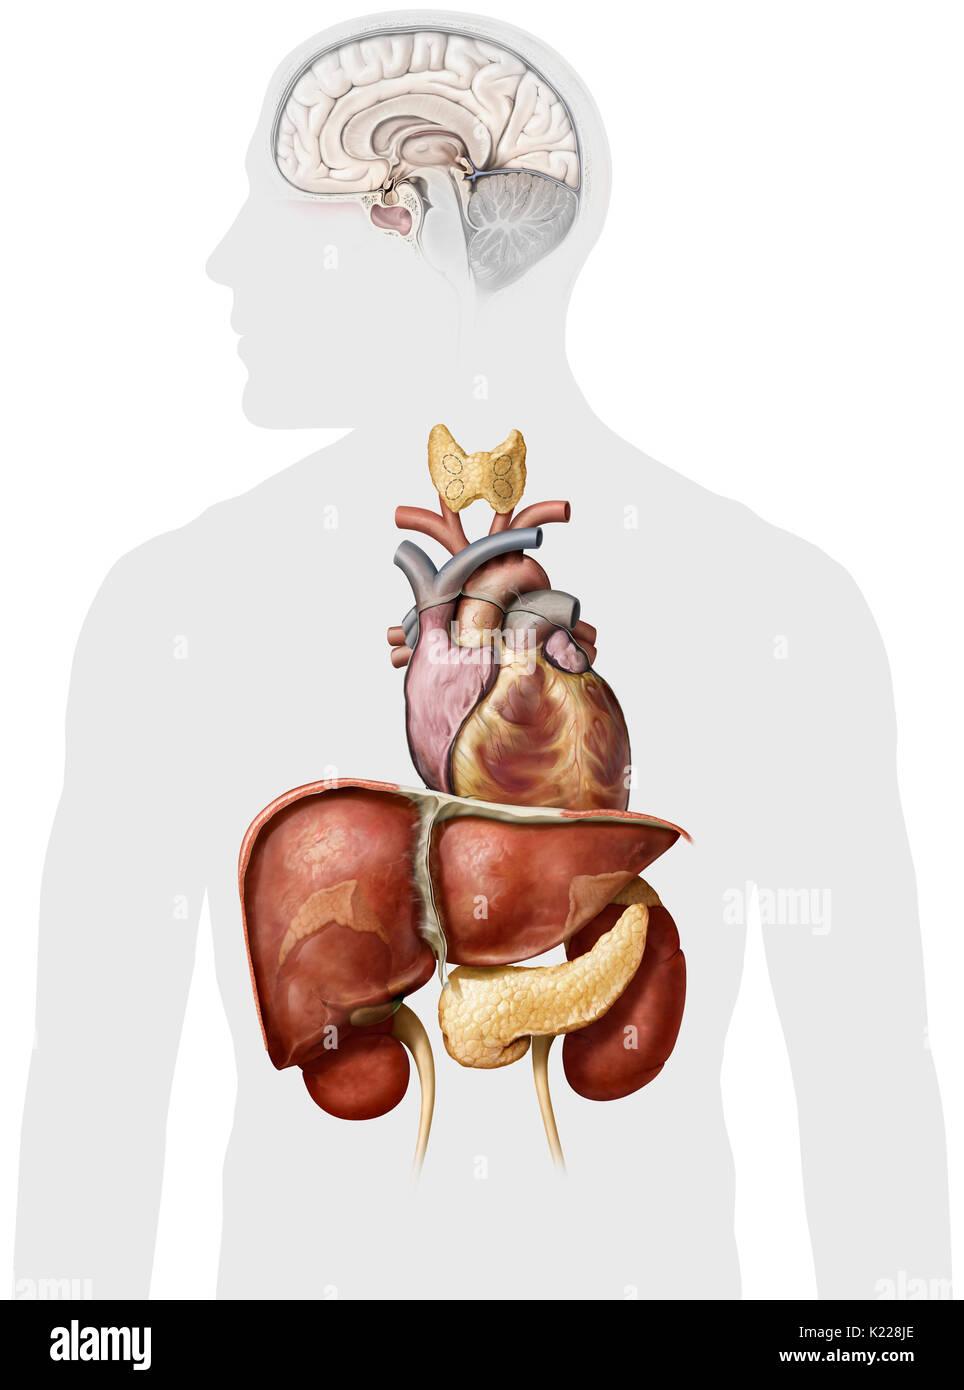 Dieses Bild zeigt die Nebenniere, das Herz, den Hypothalamus, der ...